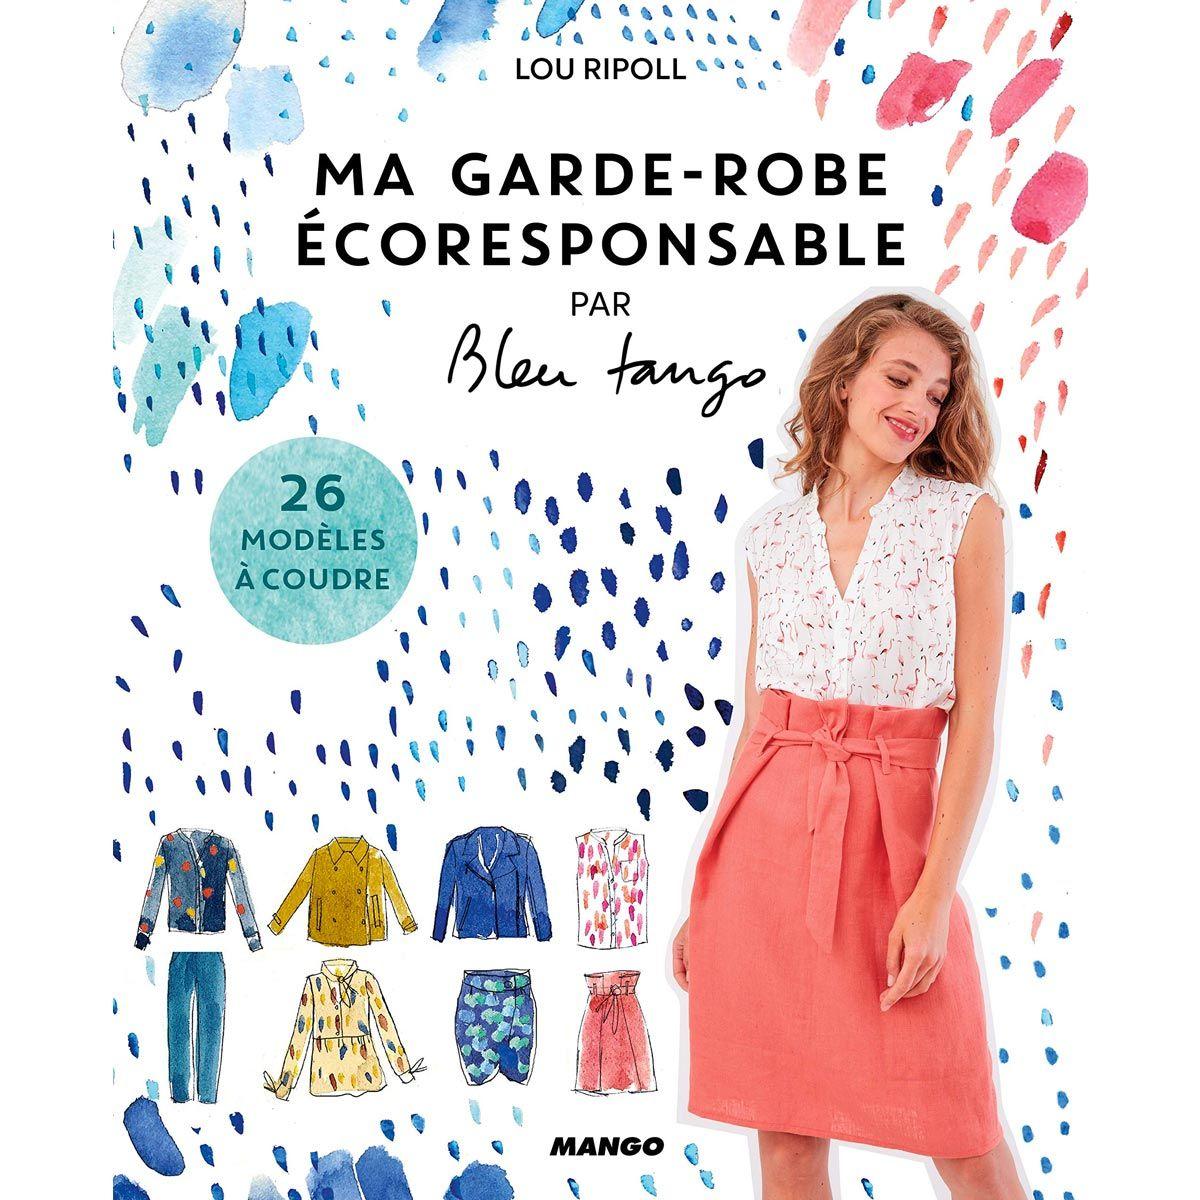 Livre ma garde-robe ecoresponsable - 26 modèles à coudre